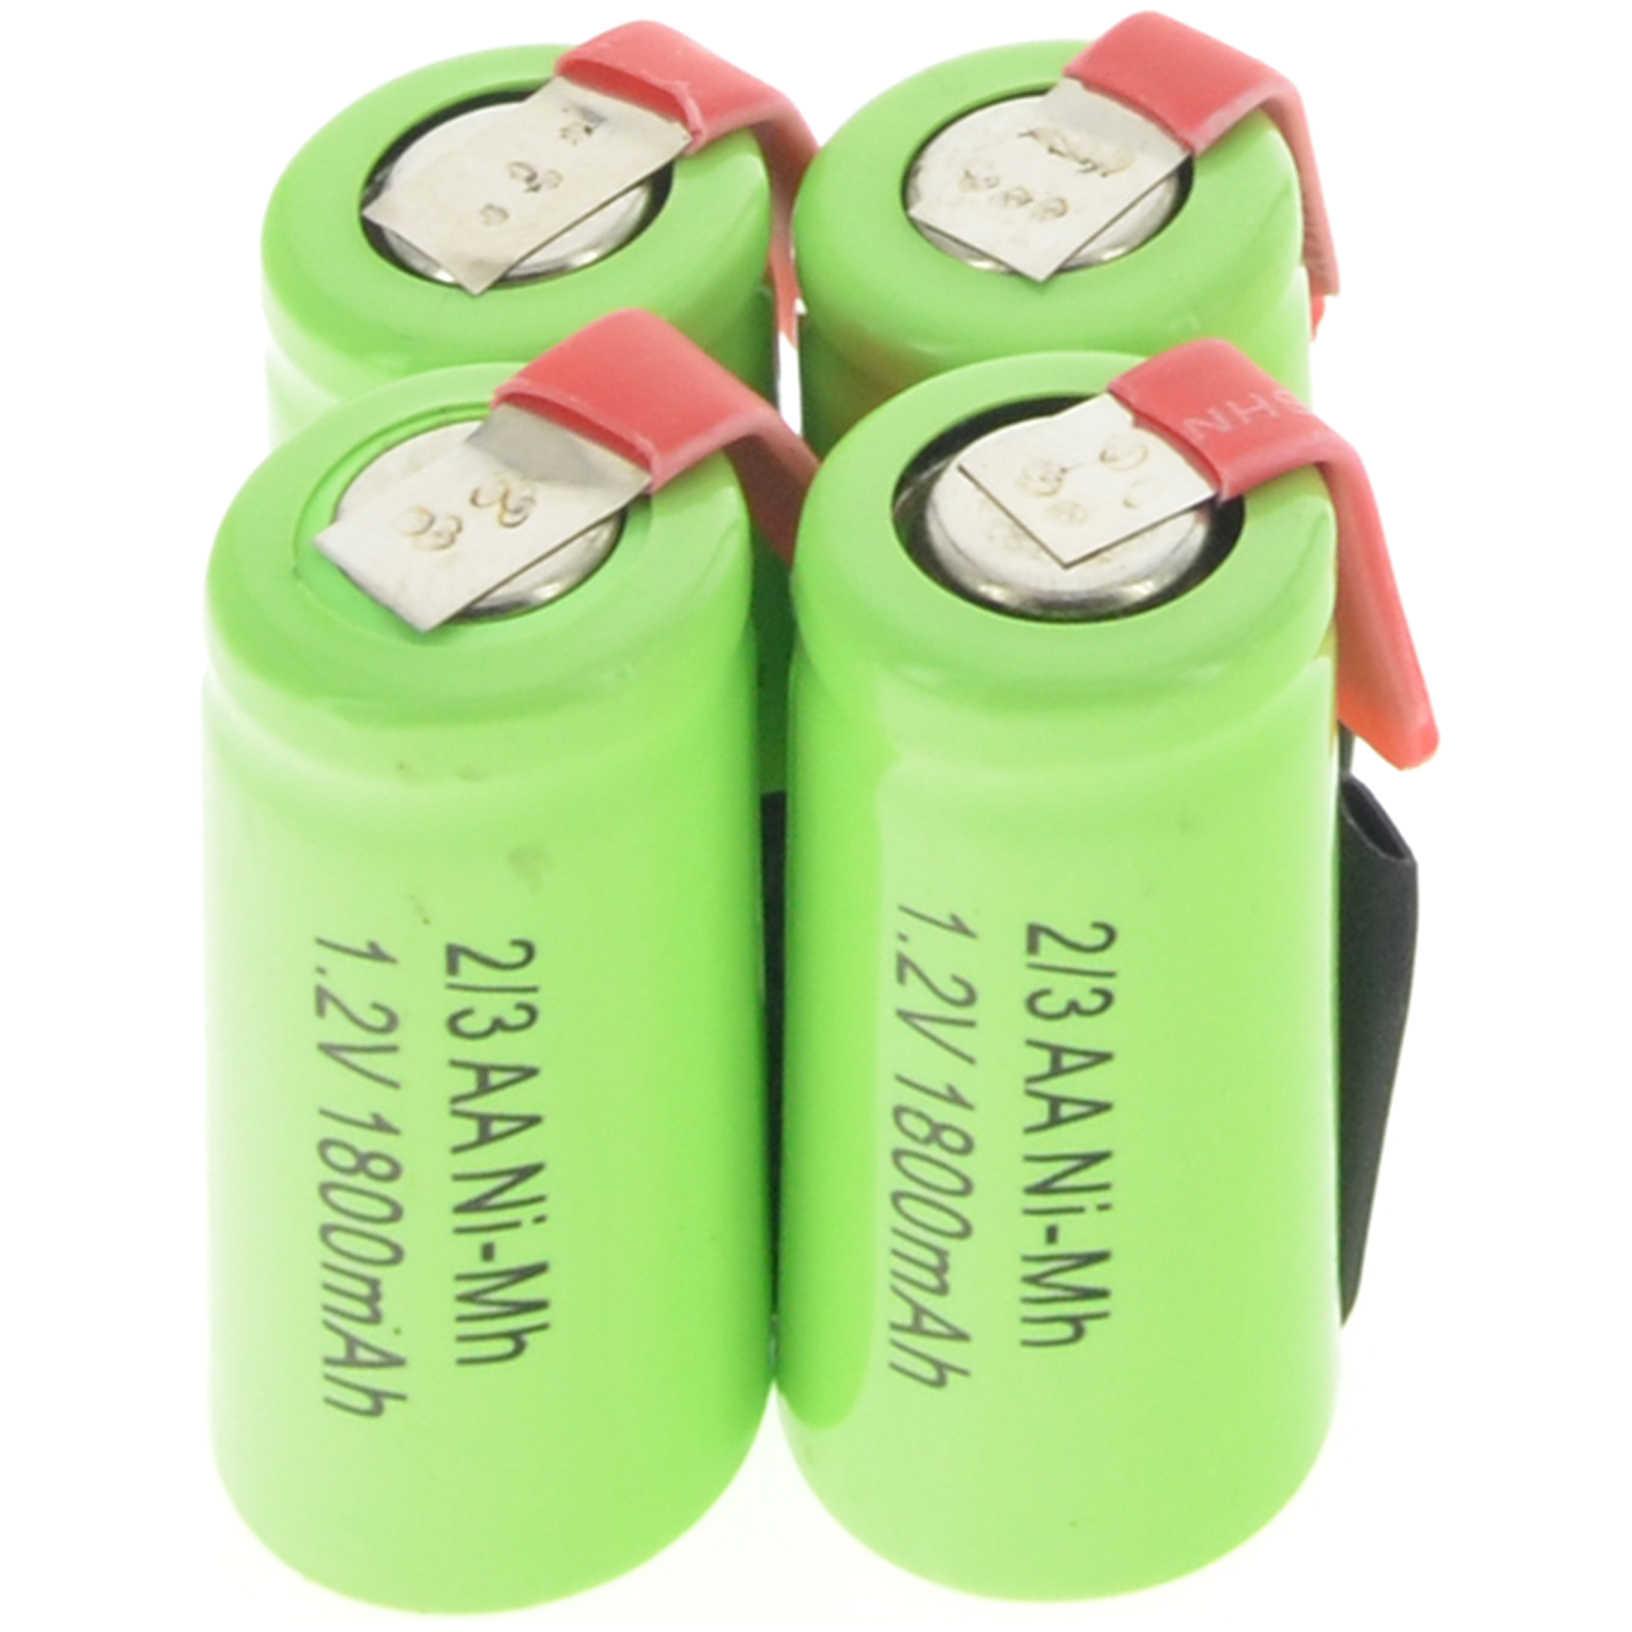 2/4/8/12/16/28 шт. металл-гидридных или никель 2/3AA 1,2 V 1800 mAh аккумуляторная батарея для телефона зеленый  Батарейки для телефона 4 шт